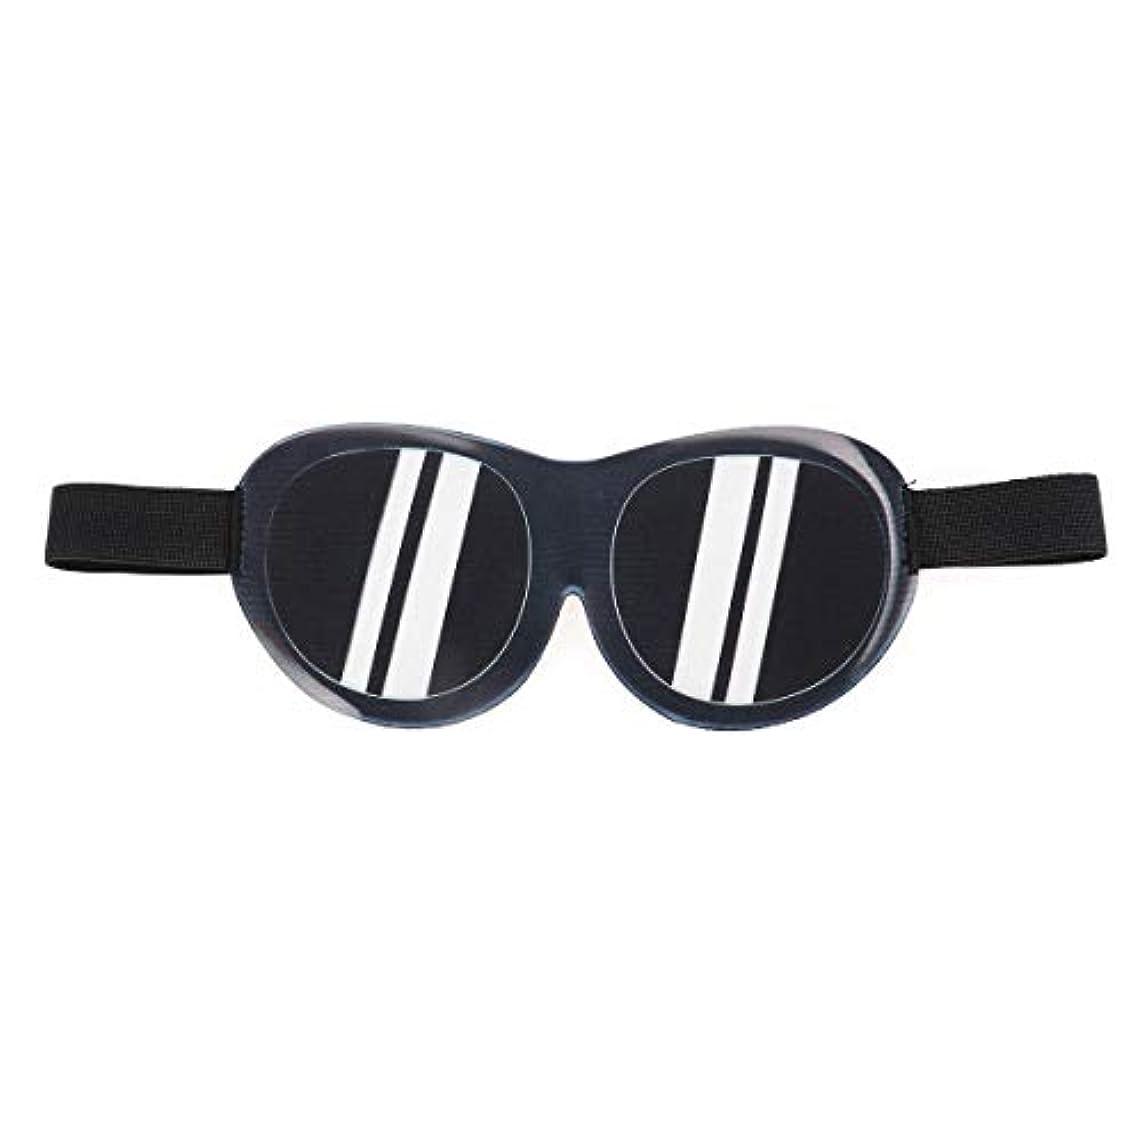 特権的レディまたねBeaupretty おかしいアイマスク3Dサングラスアイシェードおかしいなりすましステレオホームスリーパーアイスリープシェード(サングラスを持っているふりをする)